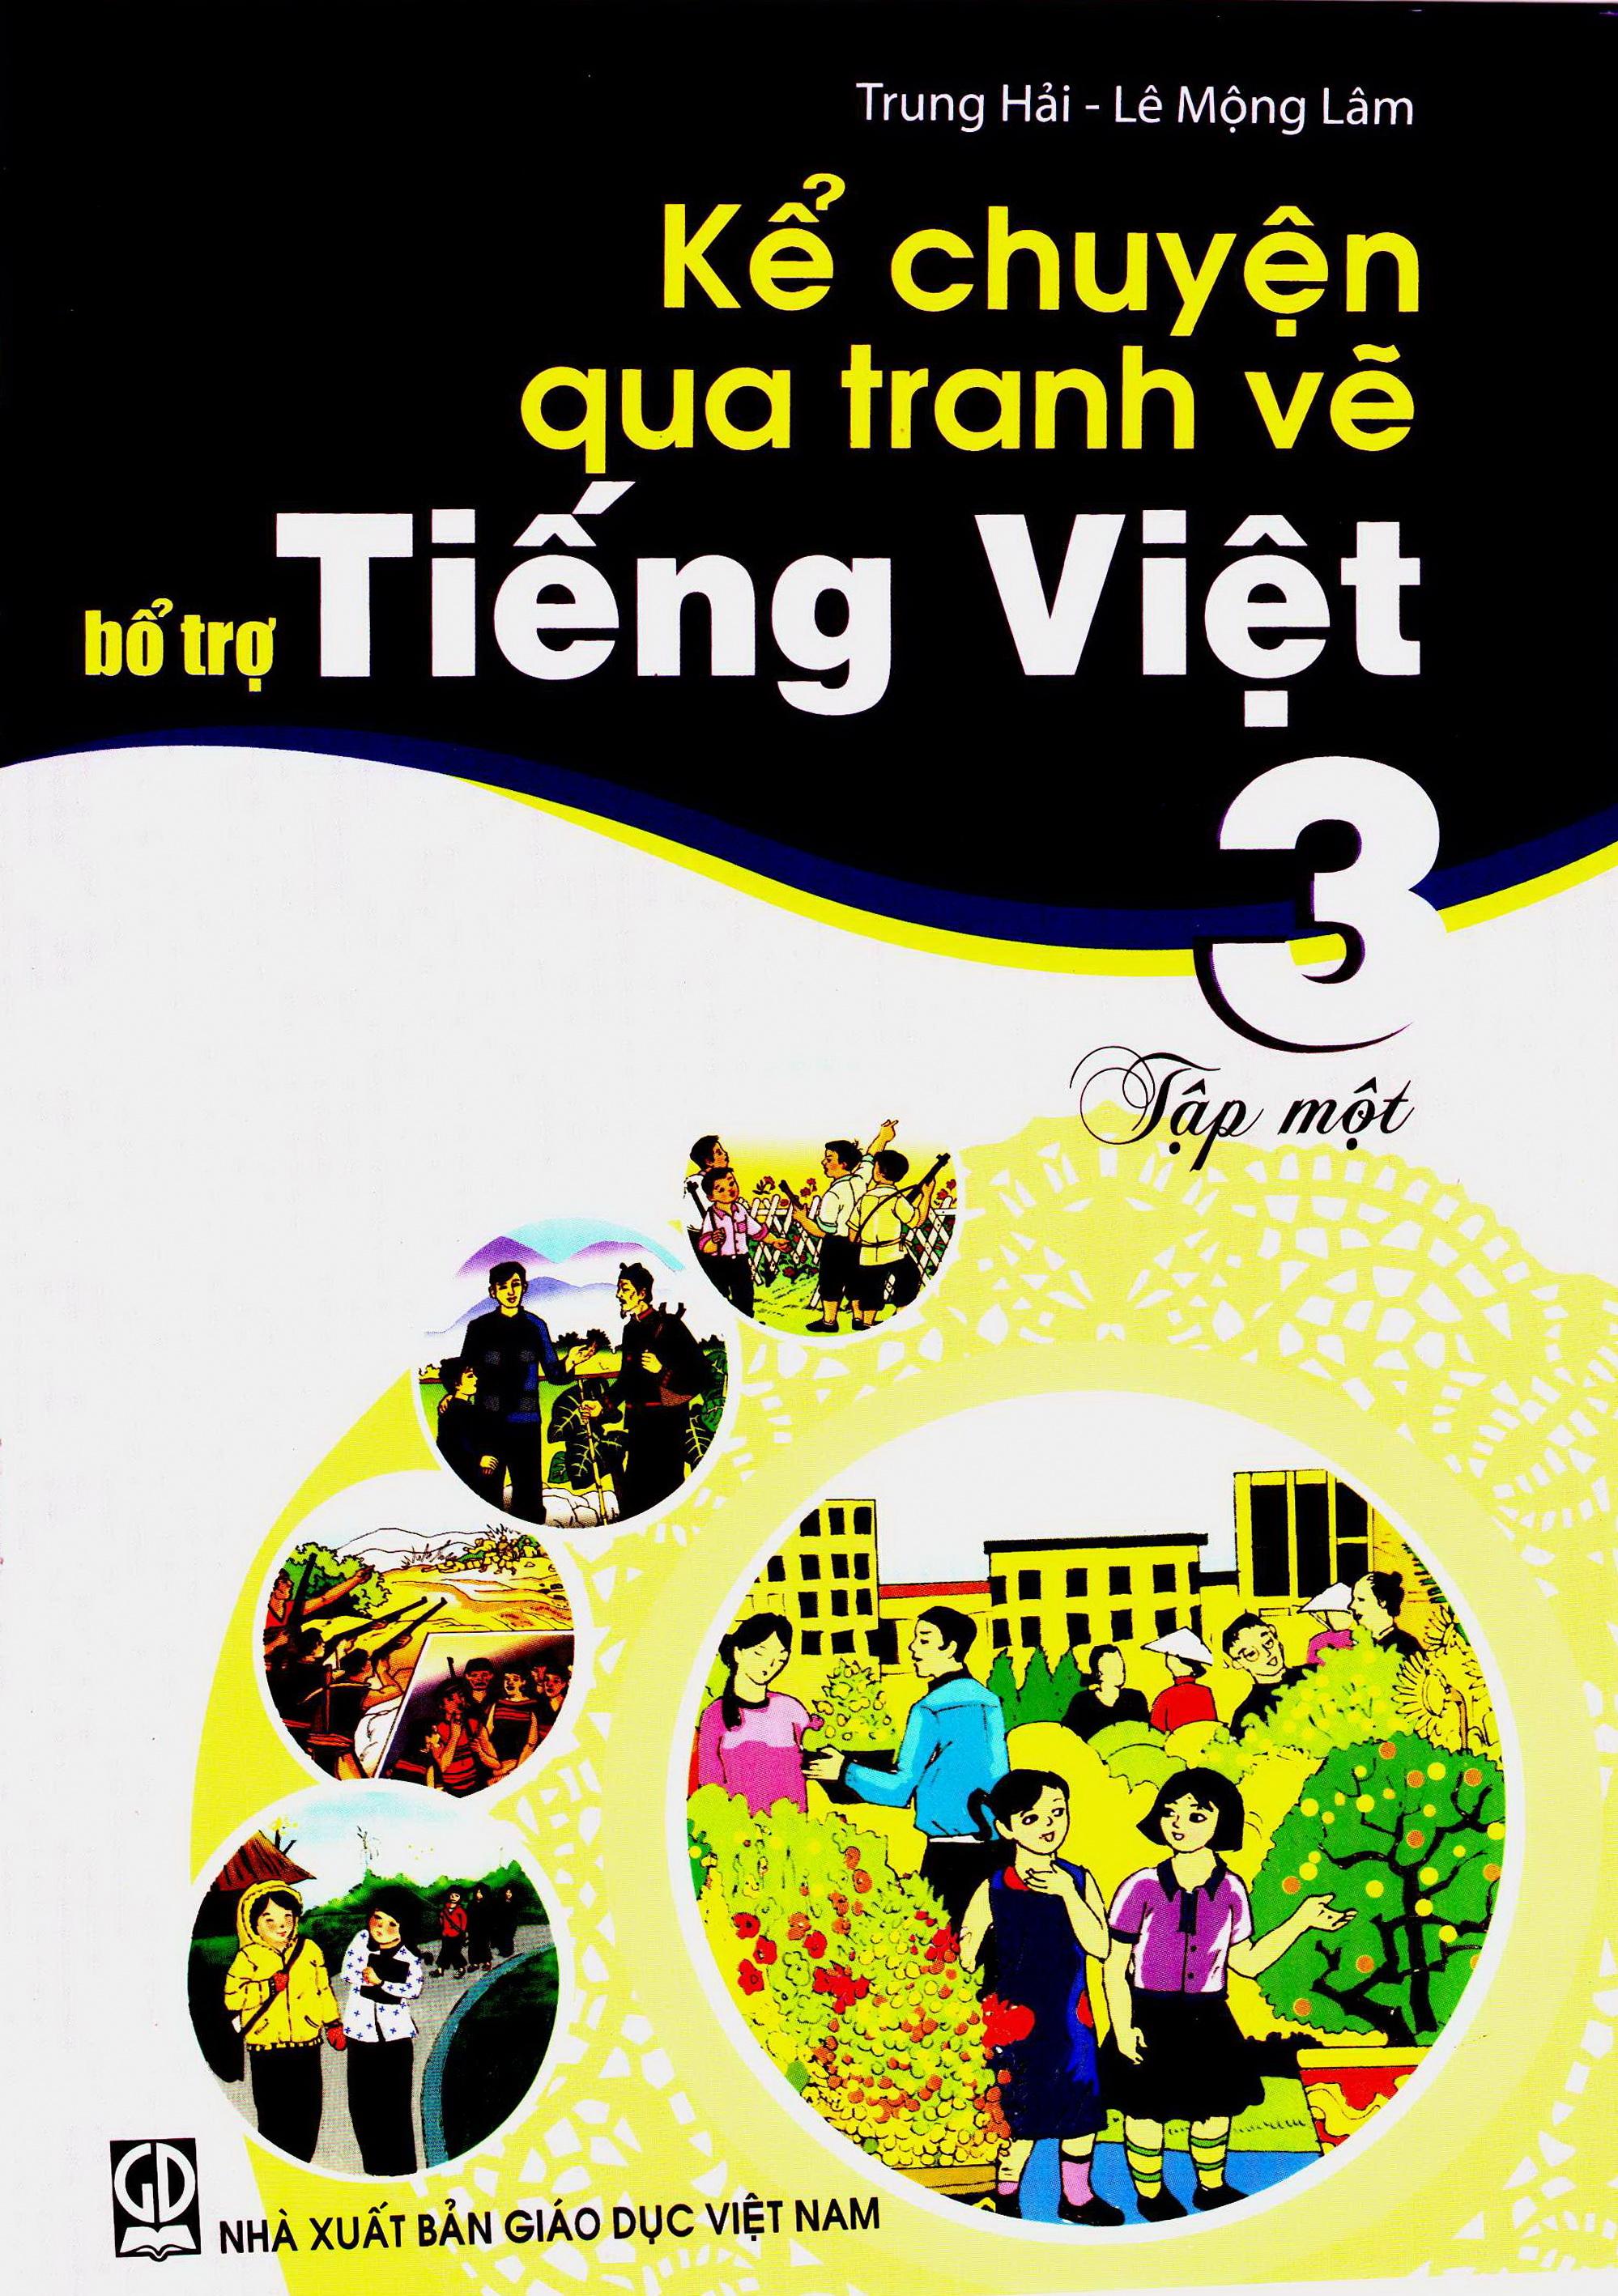 Kể chuyện qua tranh vẽ bổ trợ Tiếng Việt 3, tập 1